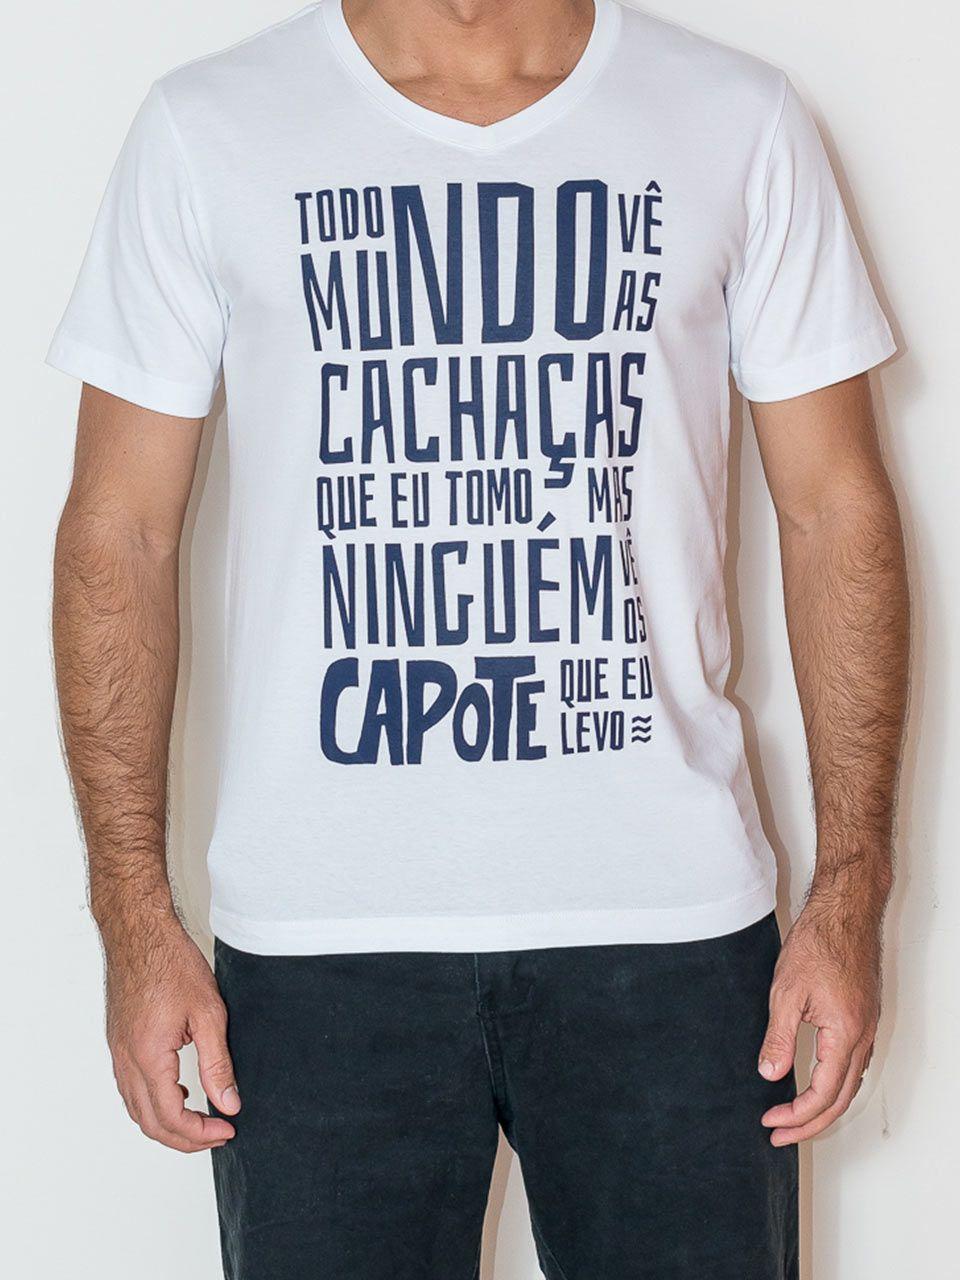 Camiseta Algodão egipcio/ecofriendly MUNDO CAPOTE